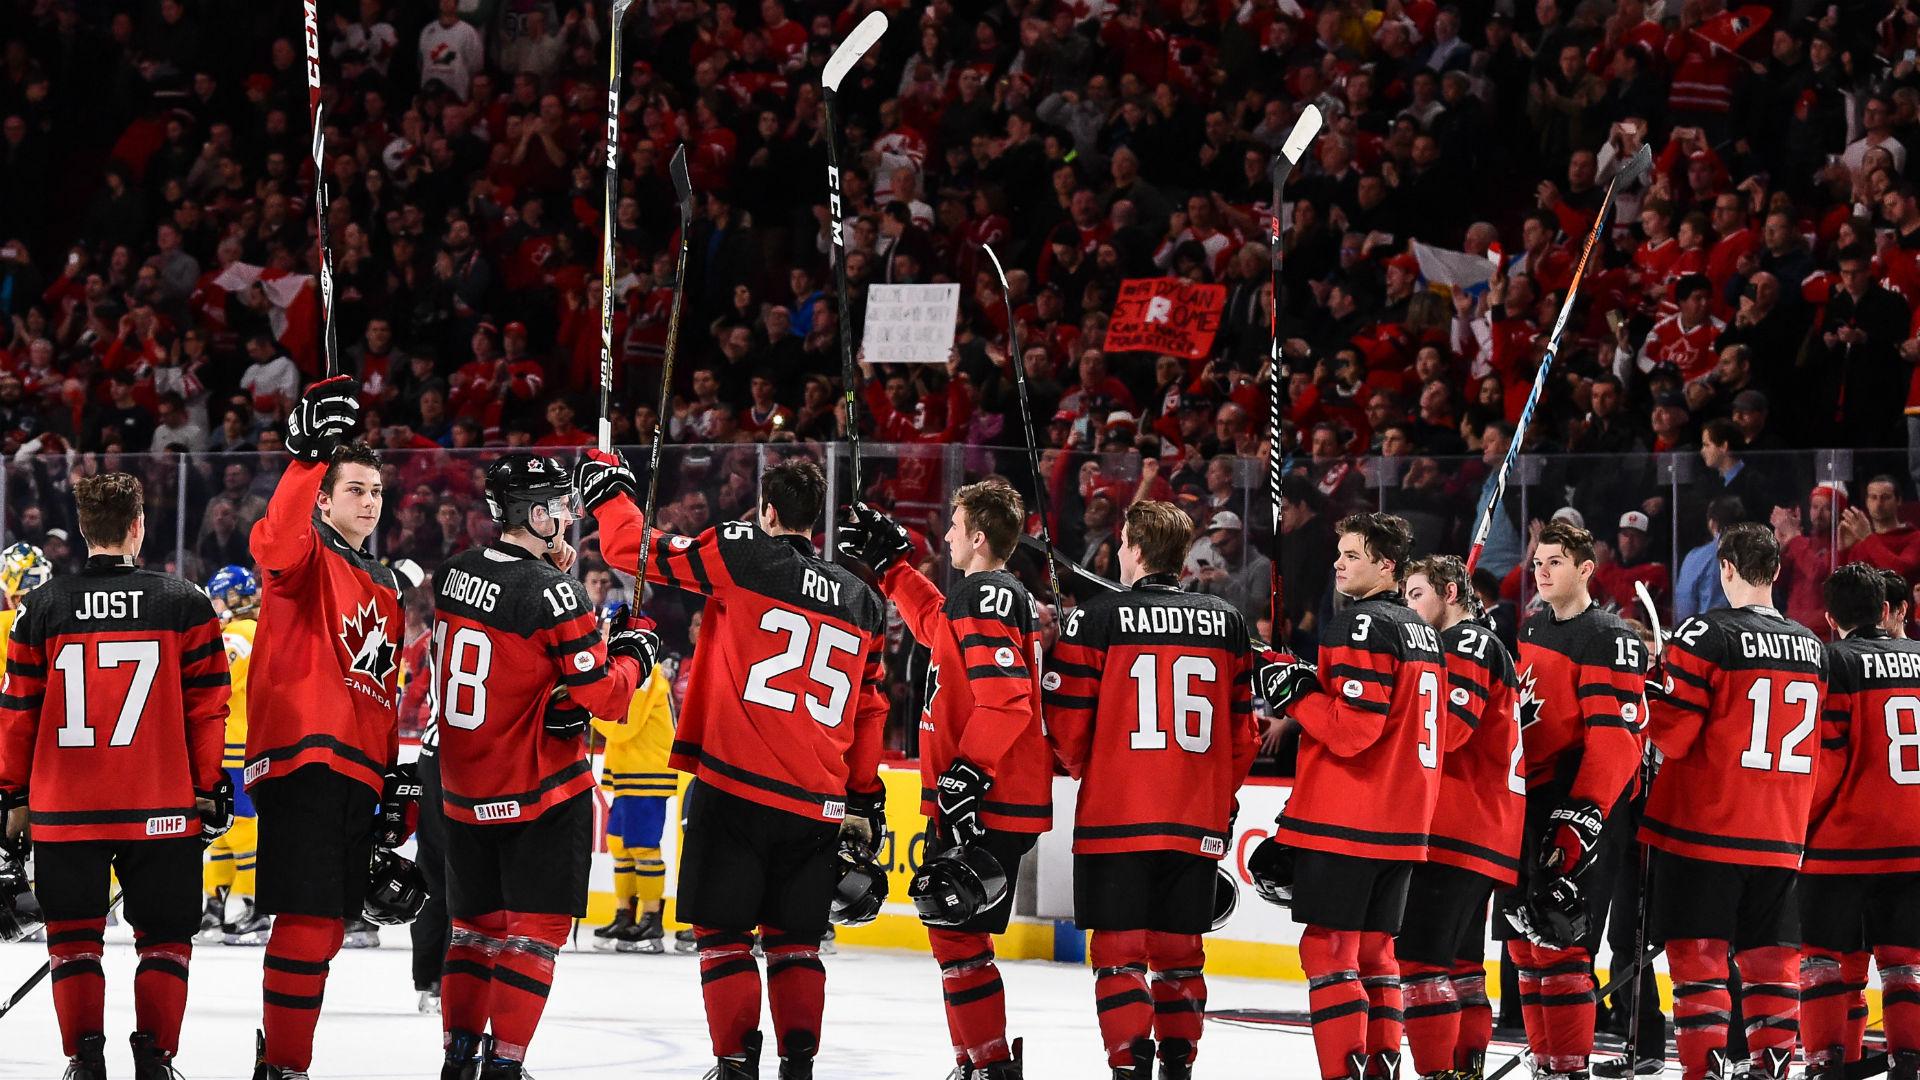 eishockey u20 wm 2019